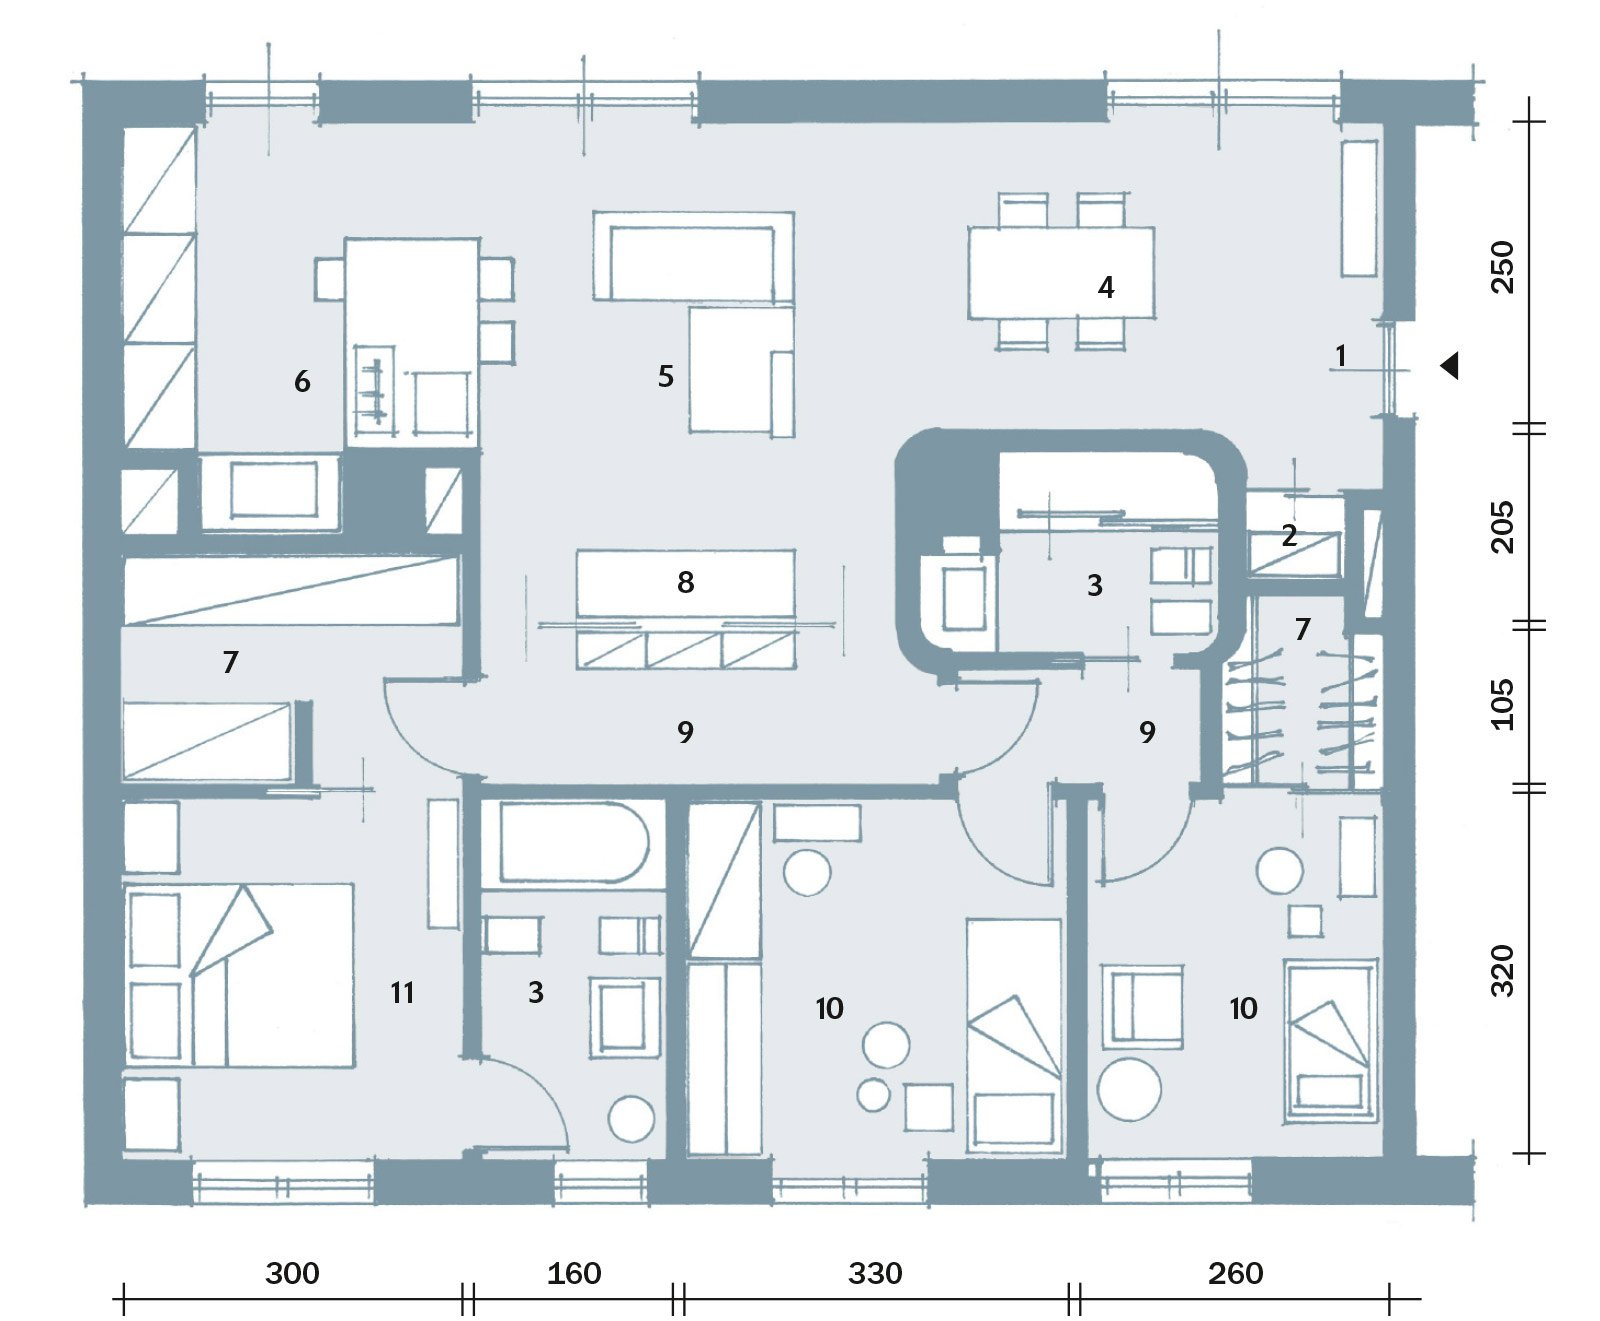 Suddivisioni ottimizzate per la casa di meno di 100 mq for Piani economici della cabina di ceppo